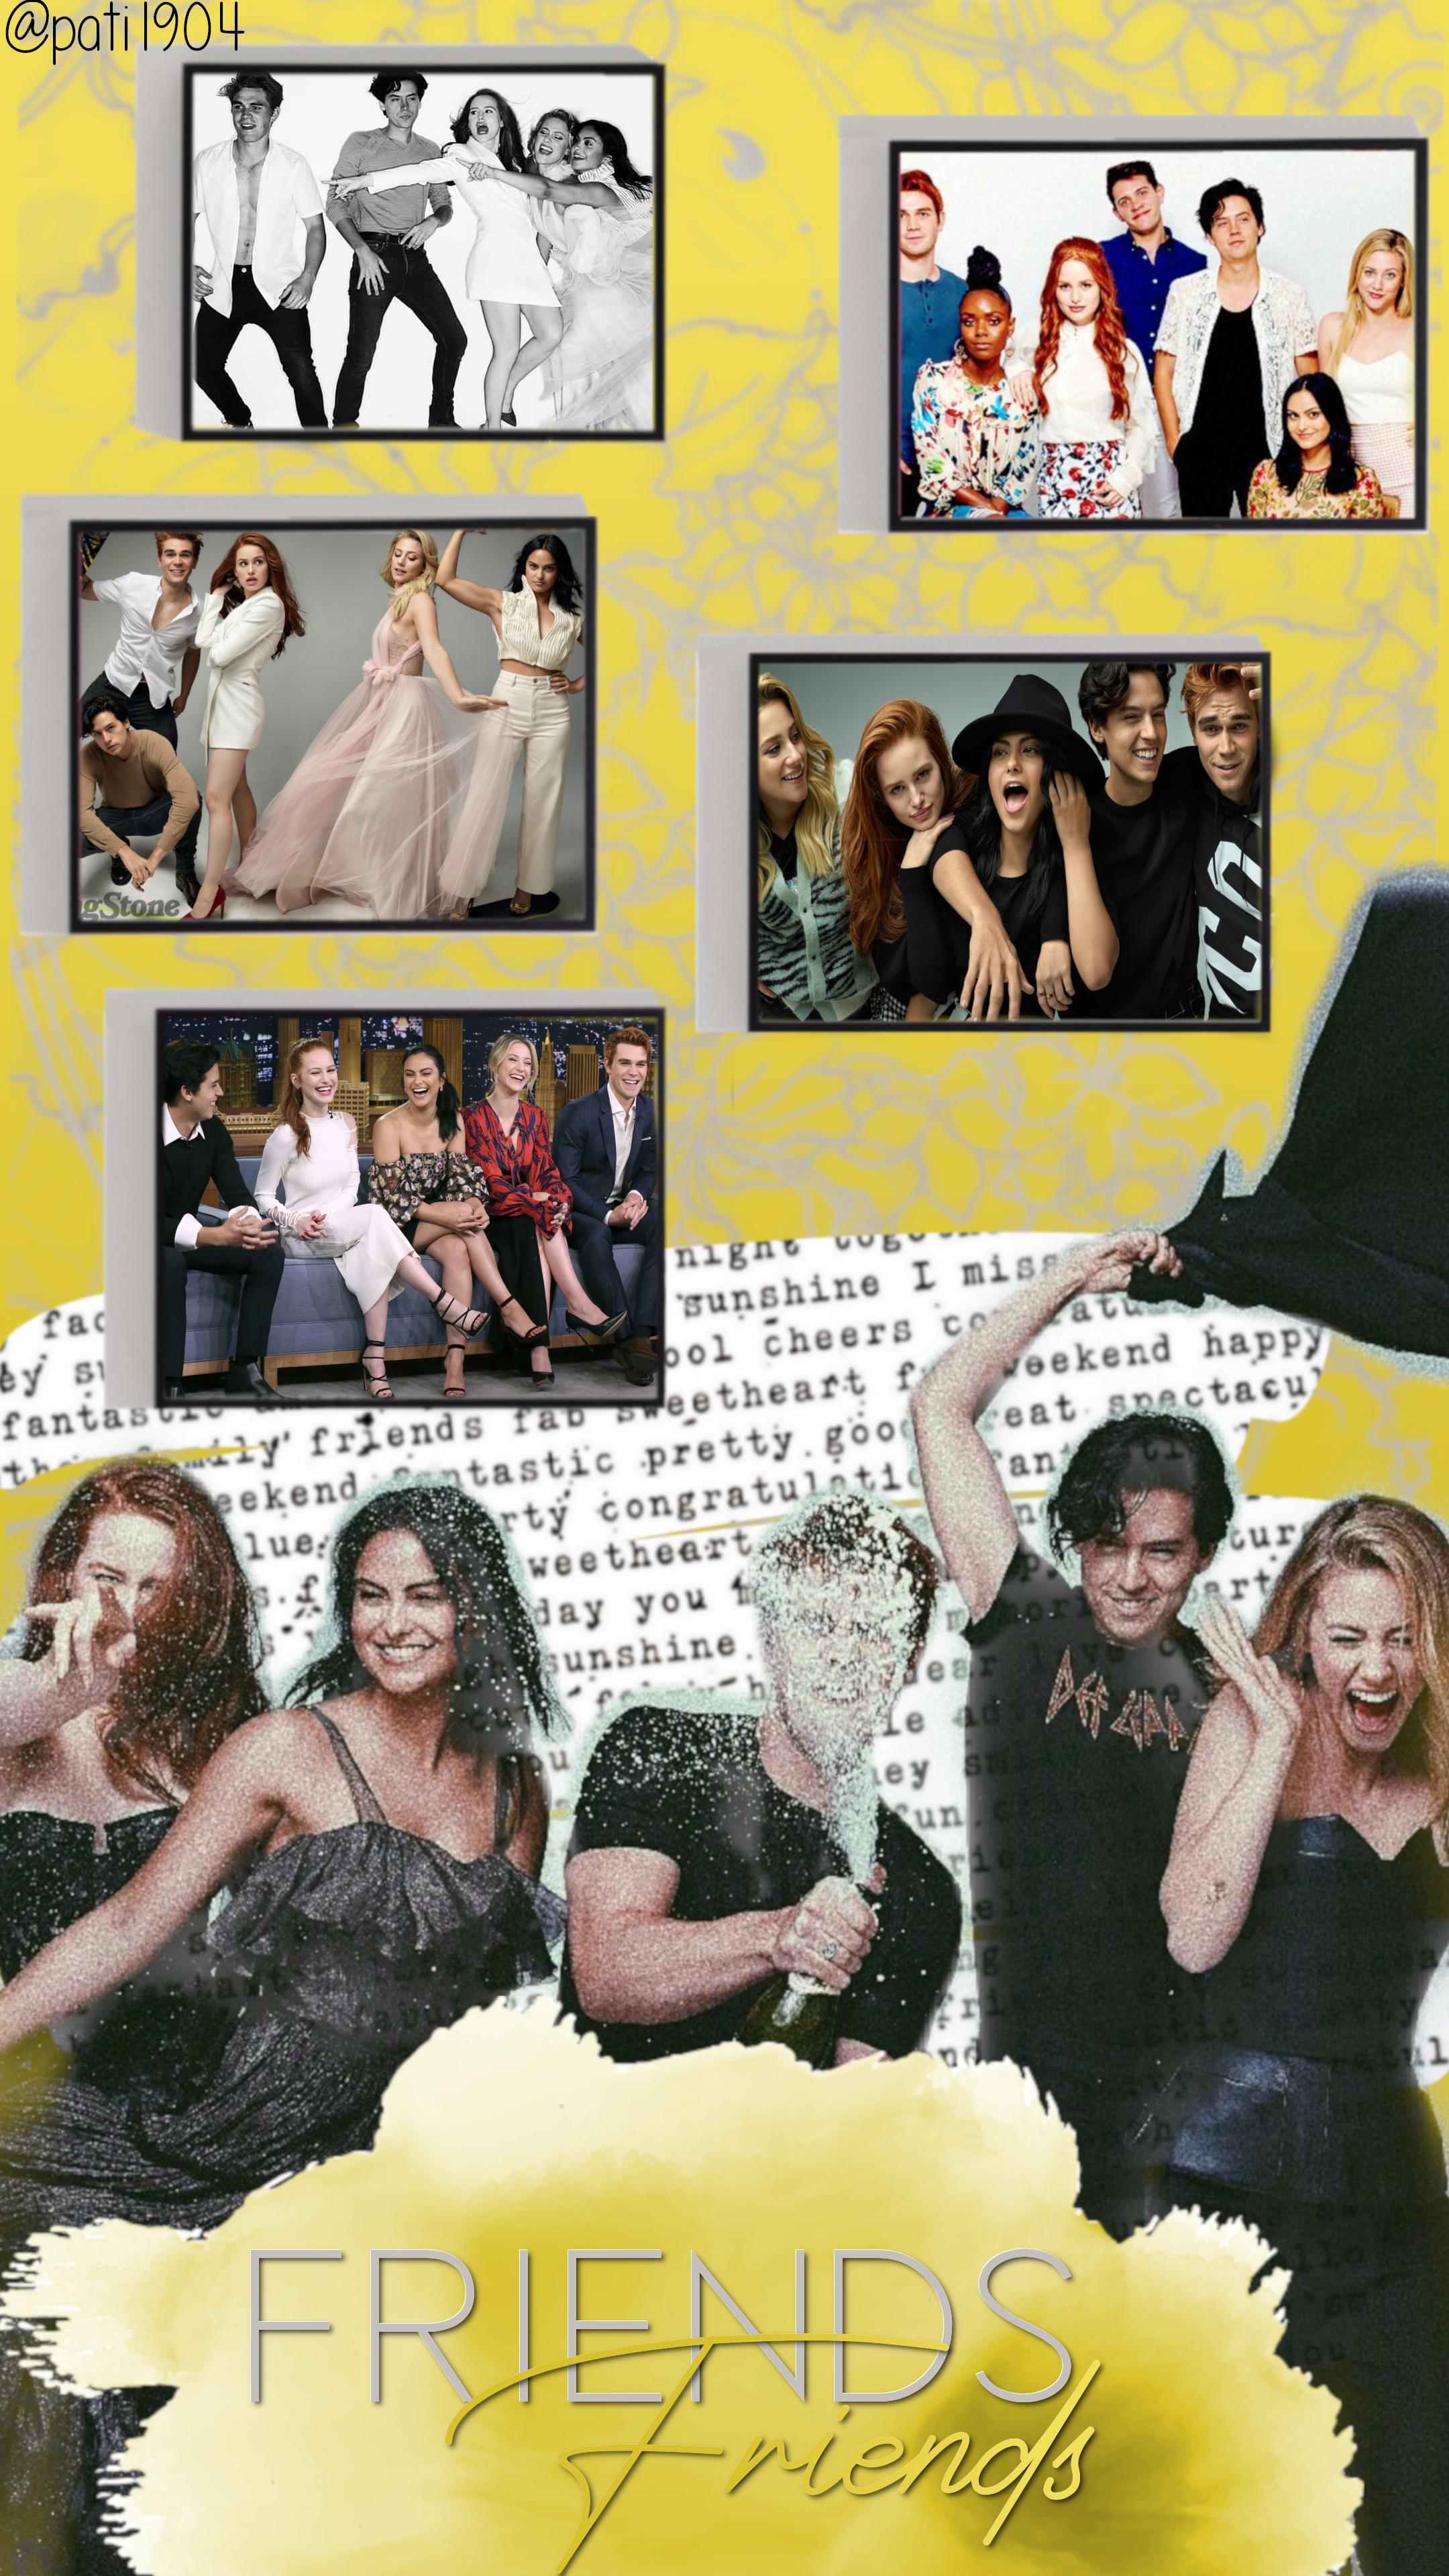 Wallpaper Riverdale Im Weird Im A Weirdo 2472212 Hd Wallpaper Backgrounds Download